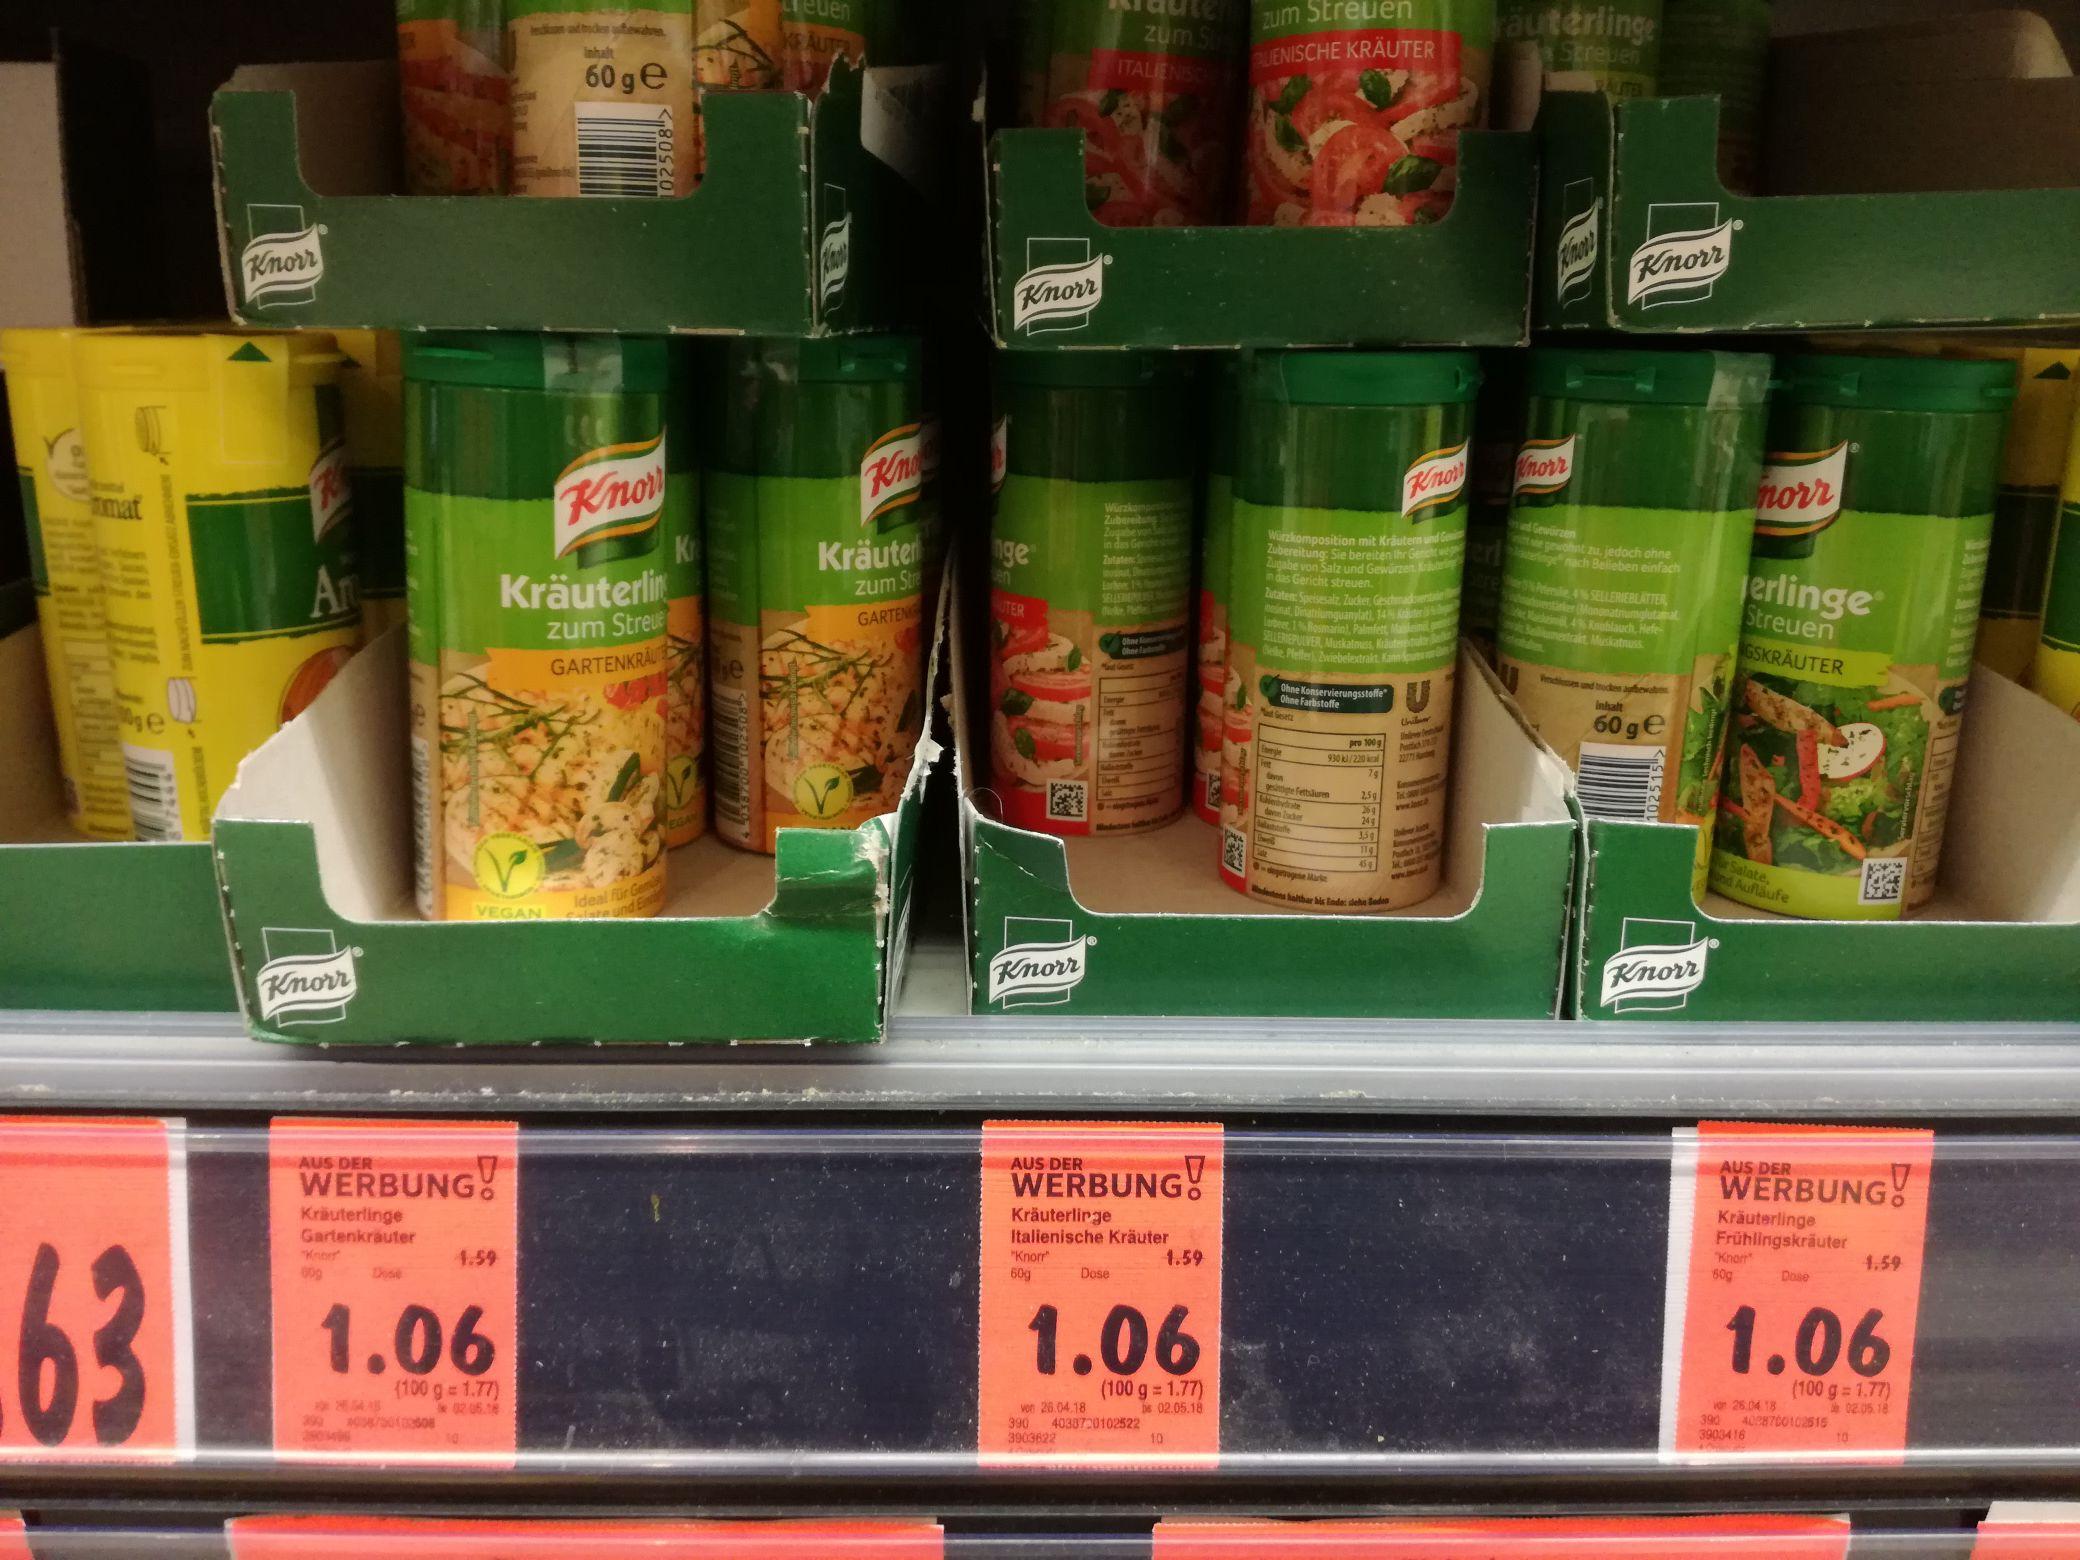 [Kaufland] Knorr Kräuterlinge versch. Sorten